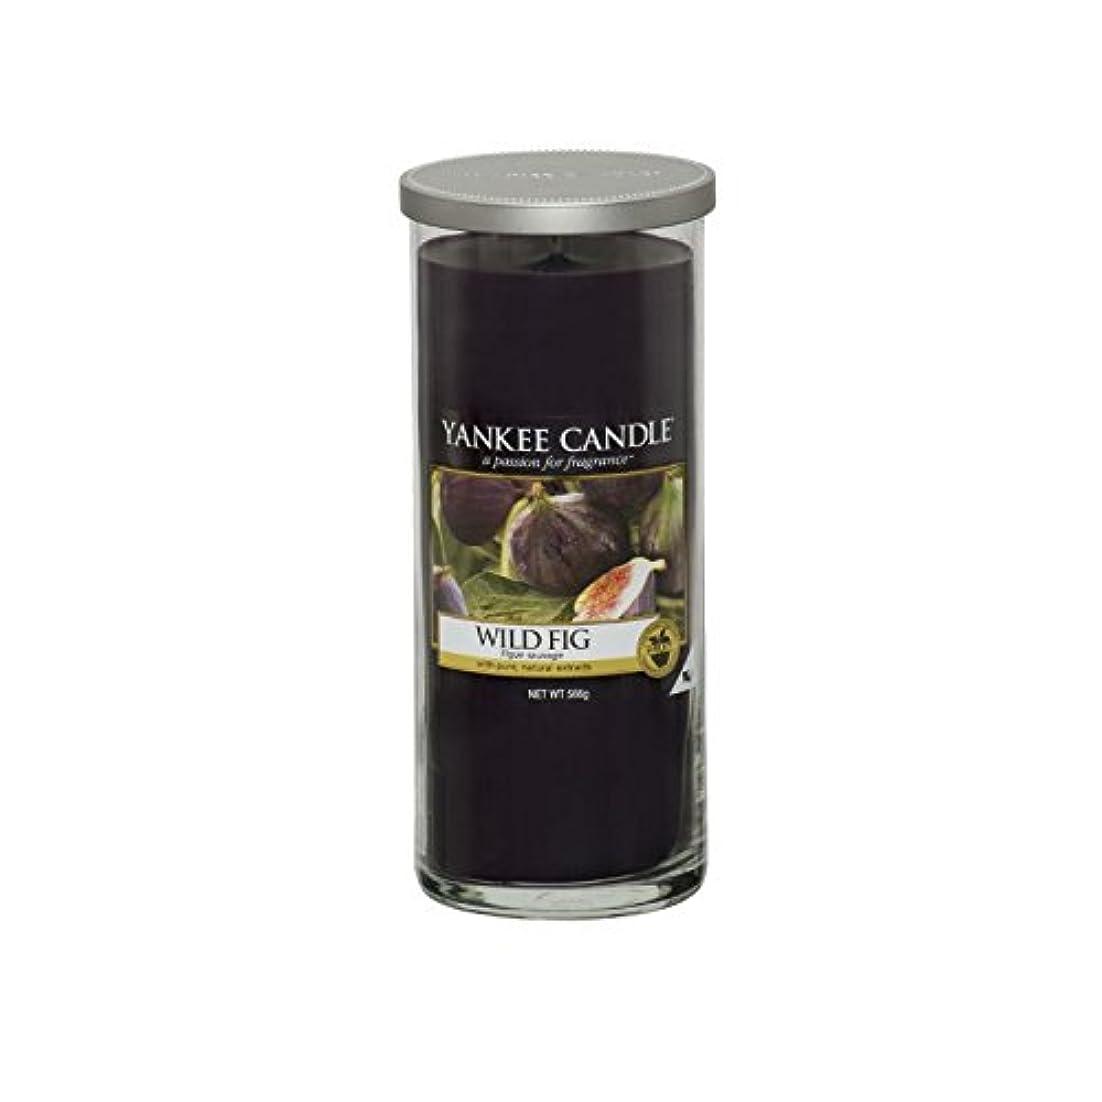 束抽選短くするヤンキーキャンドル大きな柱キャンドル - 野生のイチジク - Yankee Candles Large Pillar Candle - Wild Fig (Yankee Candles) [並行輸入品]